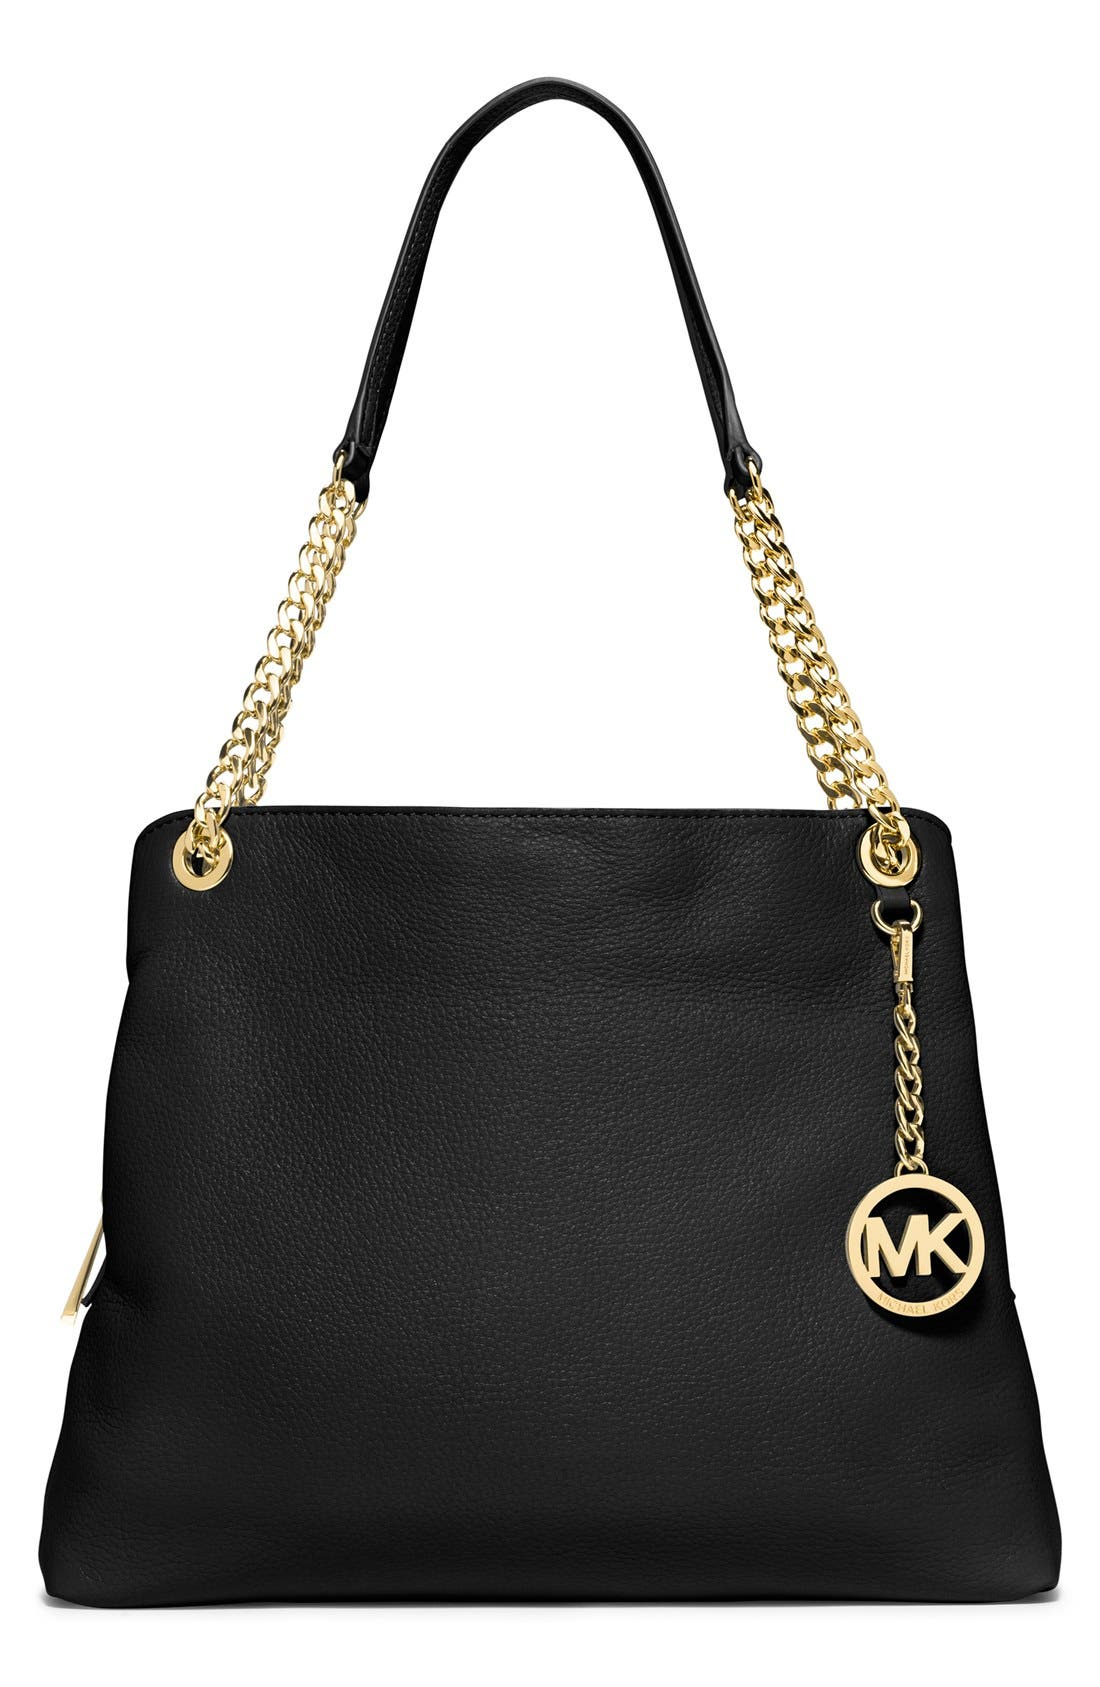 MICHAEL MICHAEL KORS 'Jet Set' Chain Leather Shoulder Bag, Main, color, 001